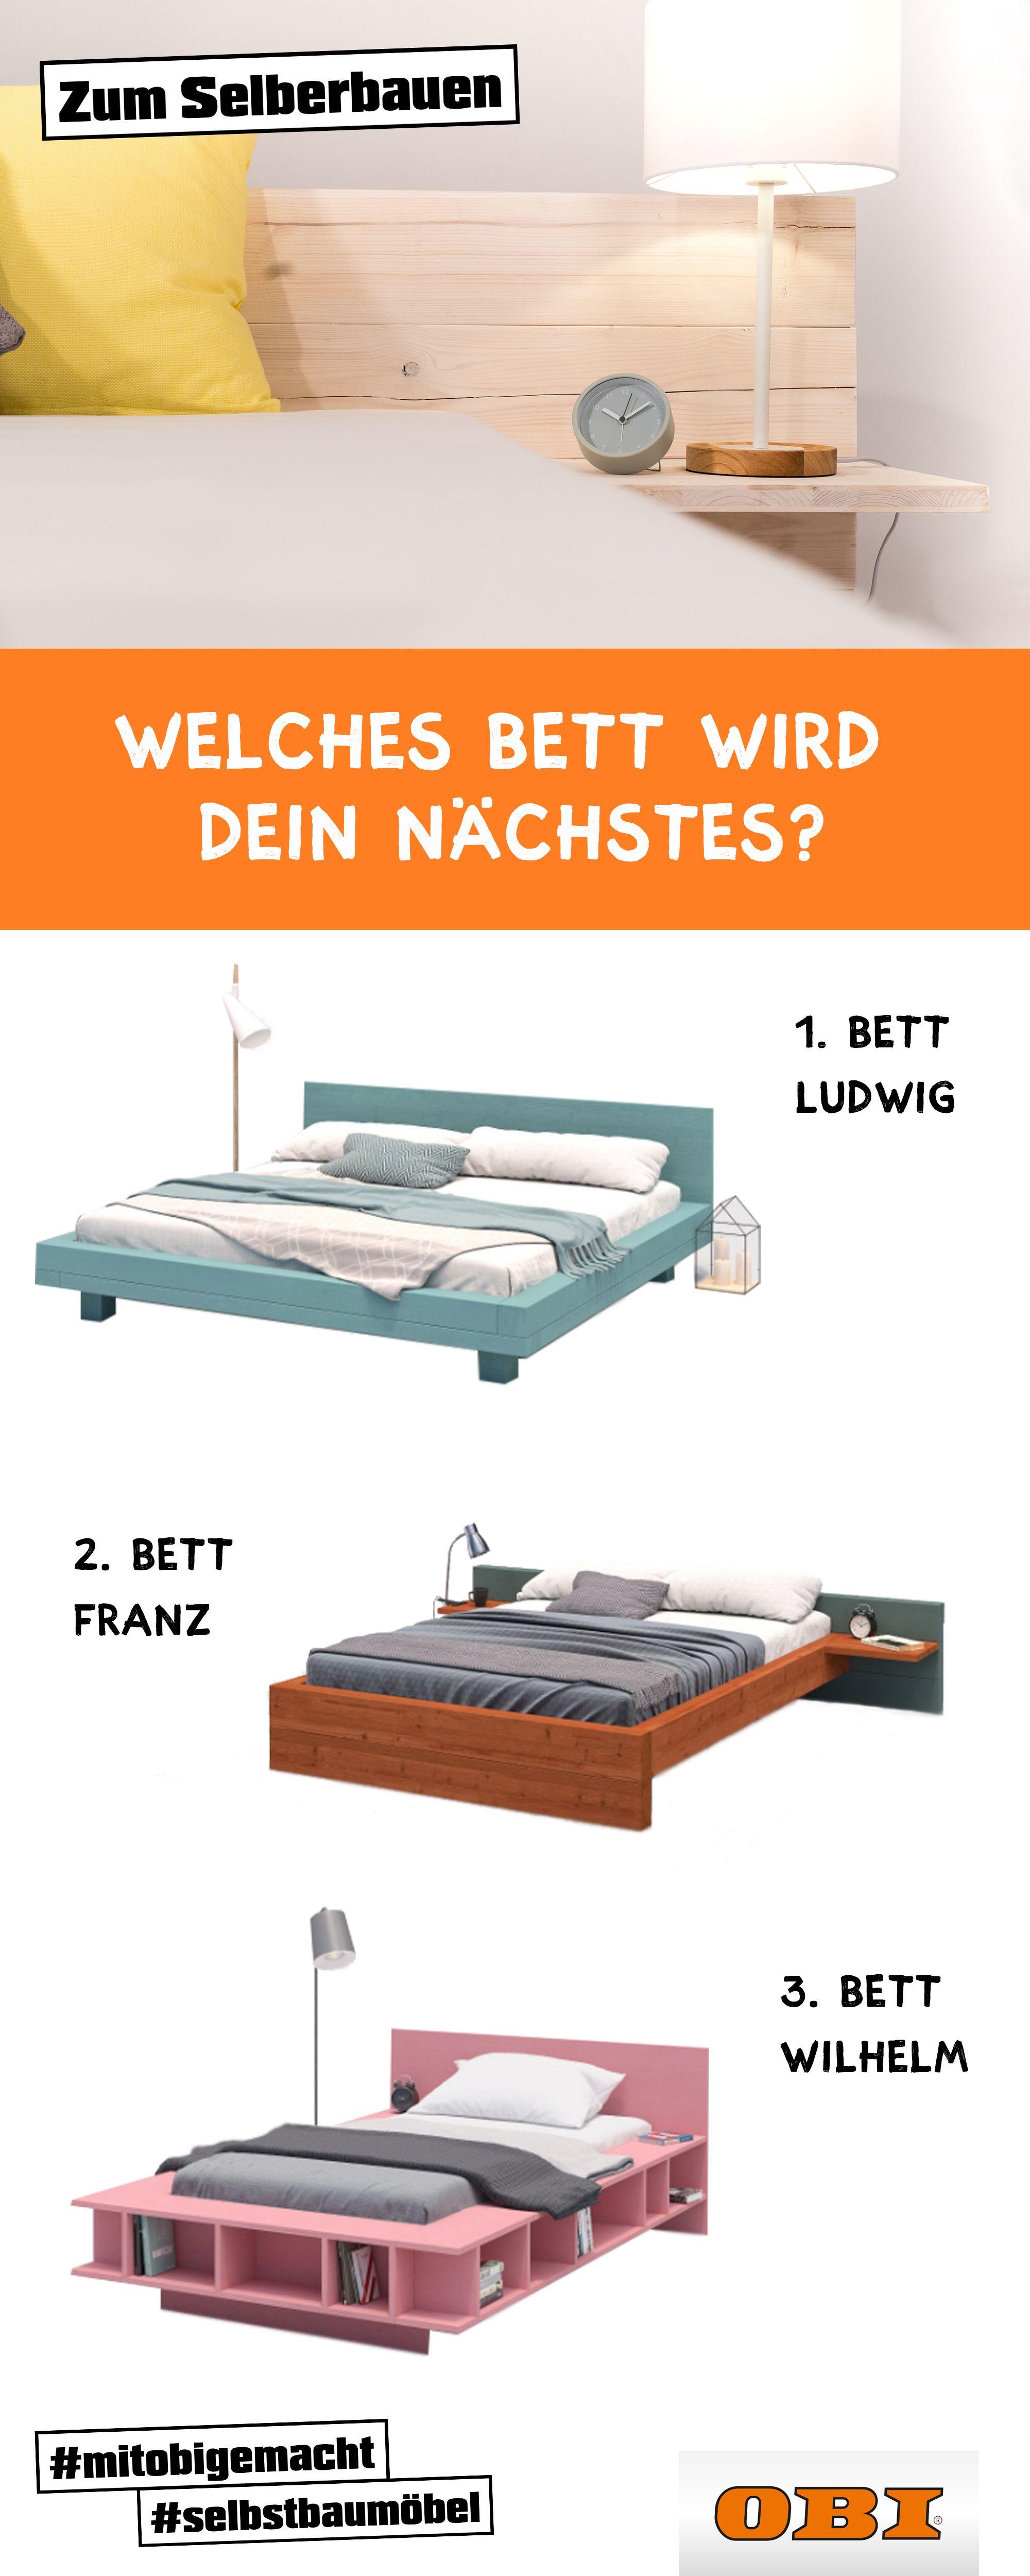 ob klein gro schmal oder breit gestalte dein individuelles bett selbst mit der einfachen. Black Bedroom Furniture Sets. Home Design Ideas